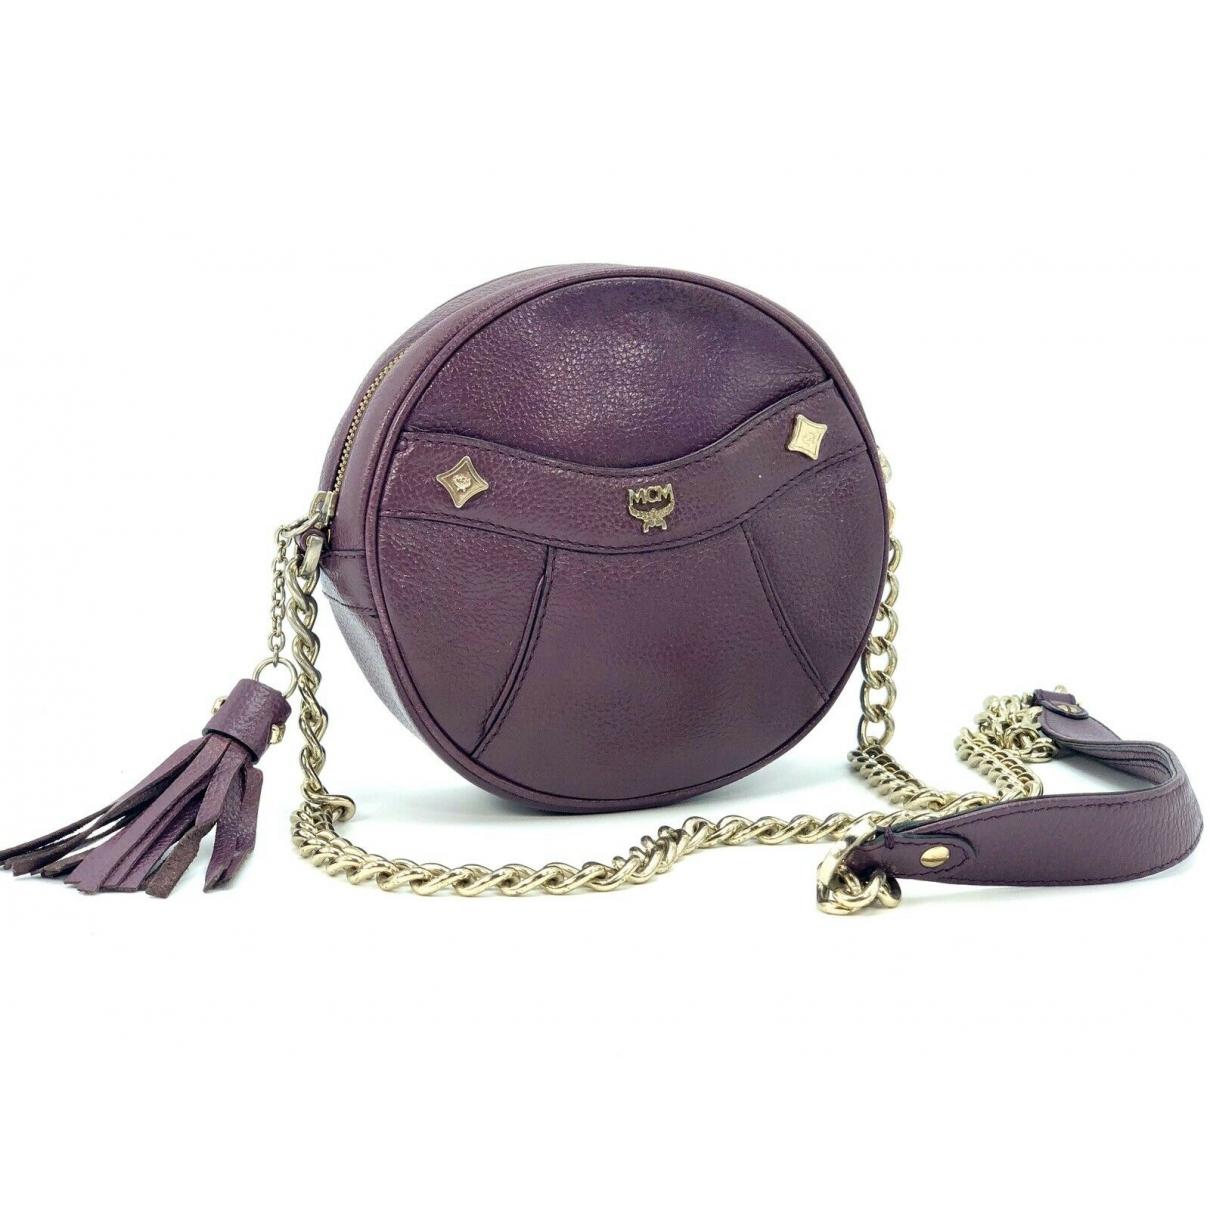 Mcm - Sac a main   pour femme en toile - violet